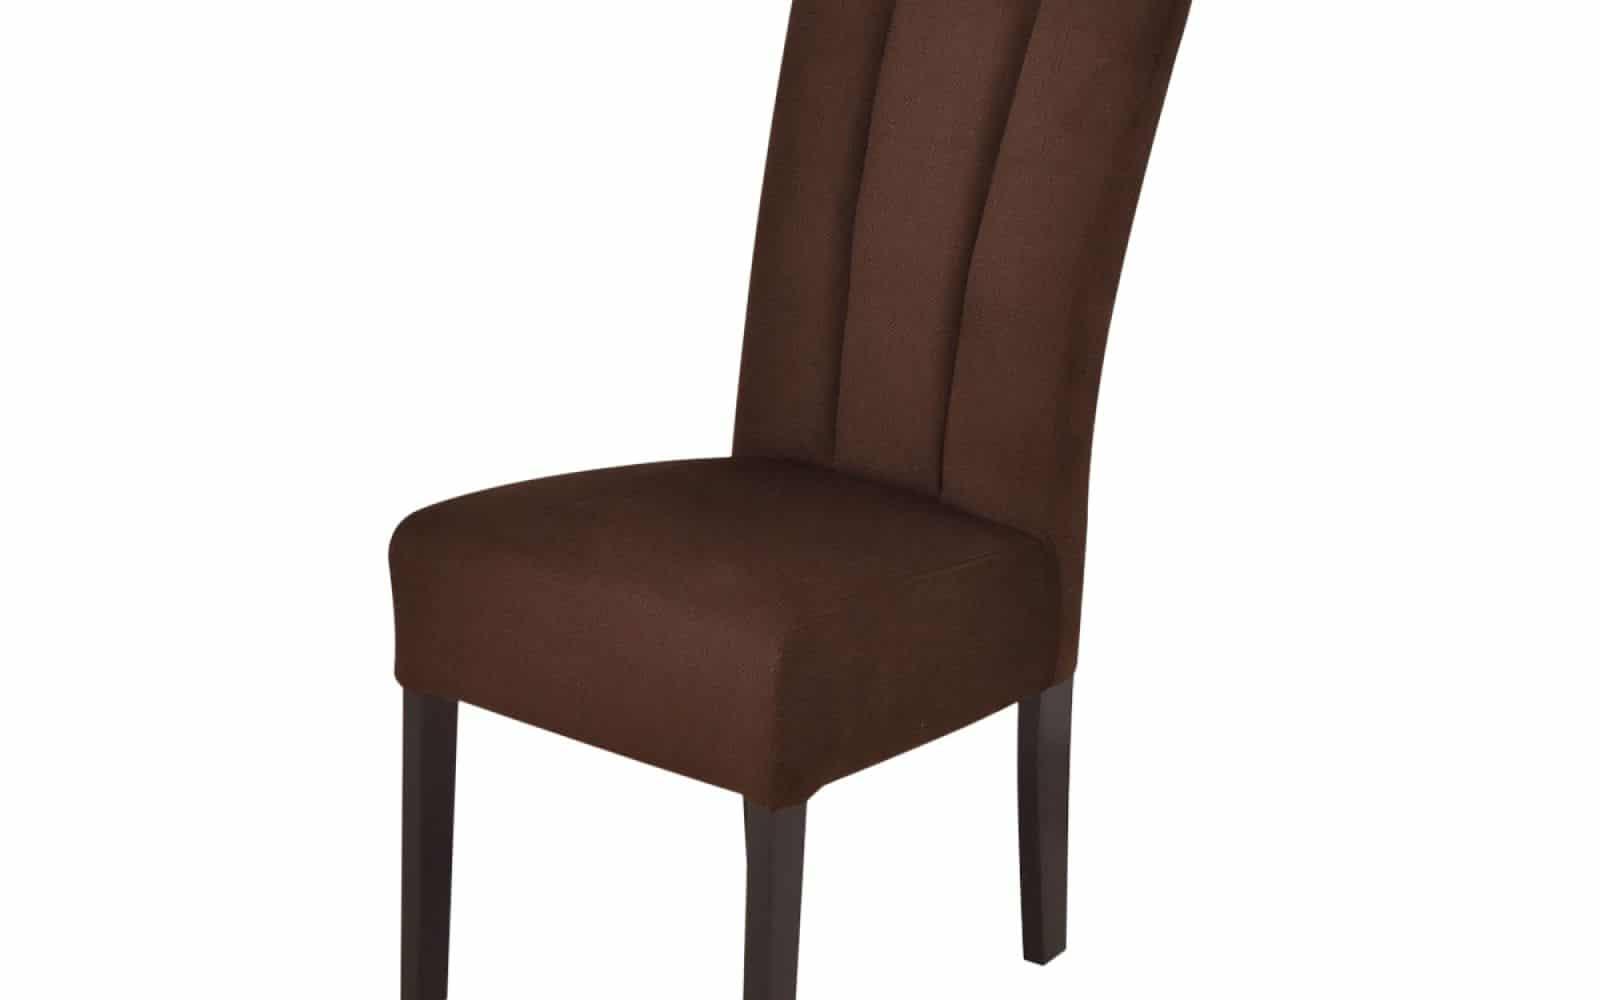 culoarea scaunului